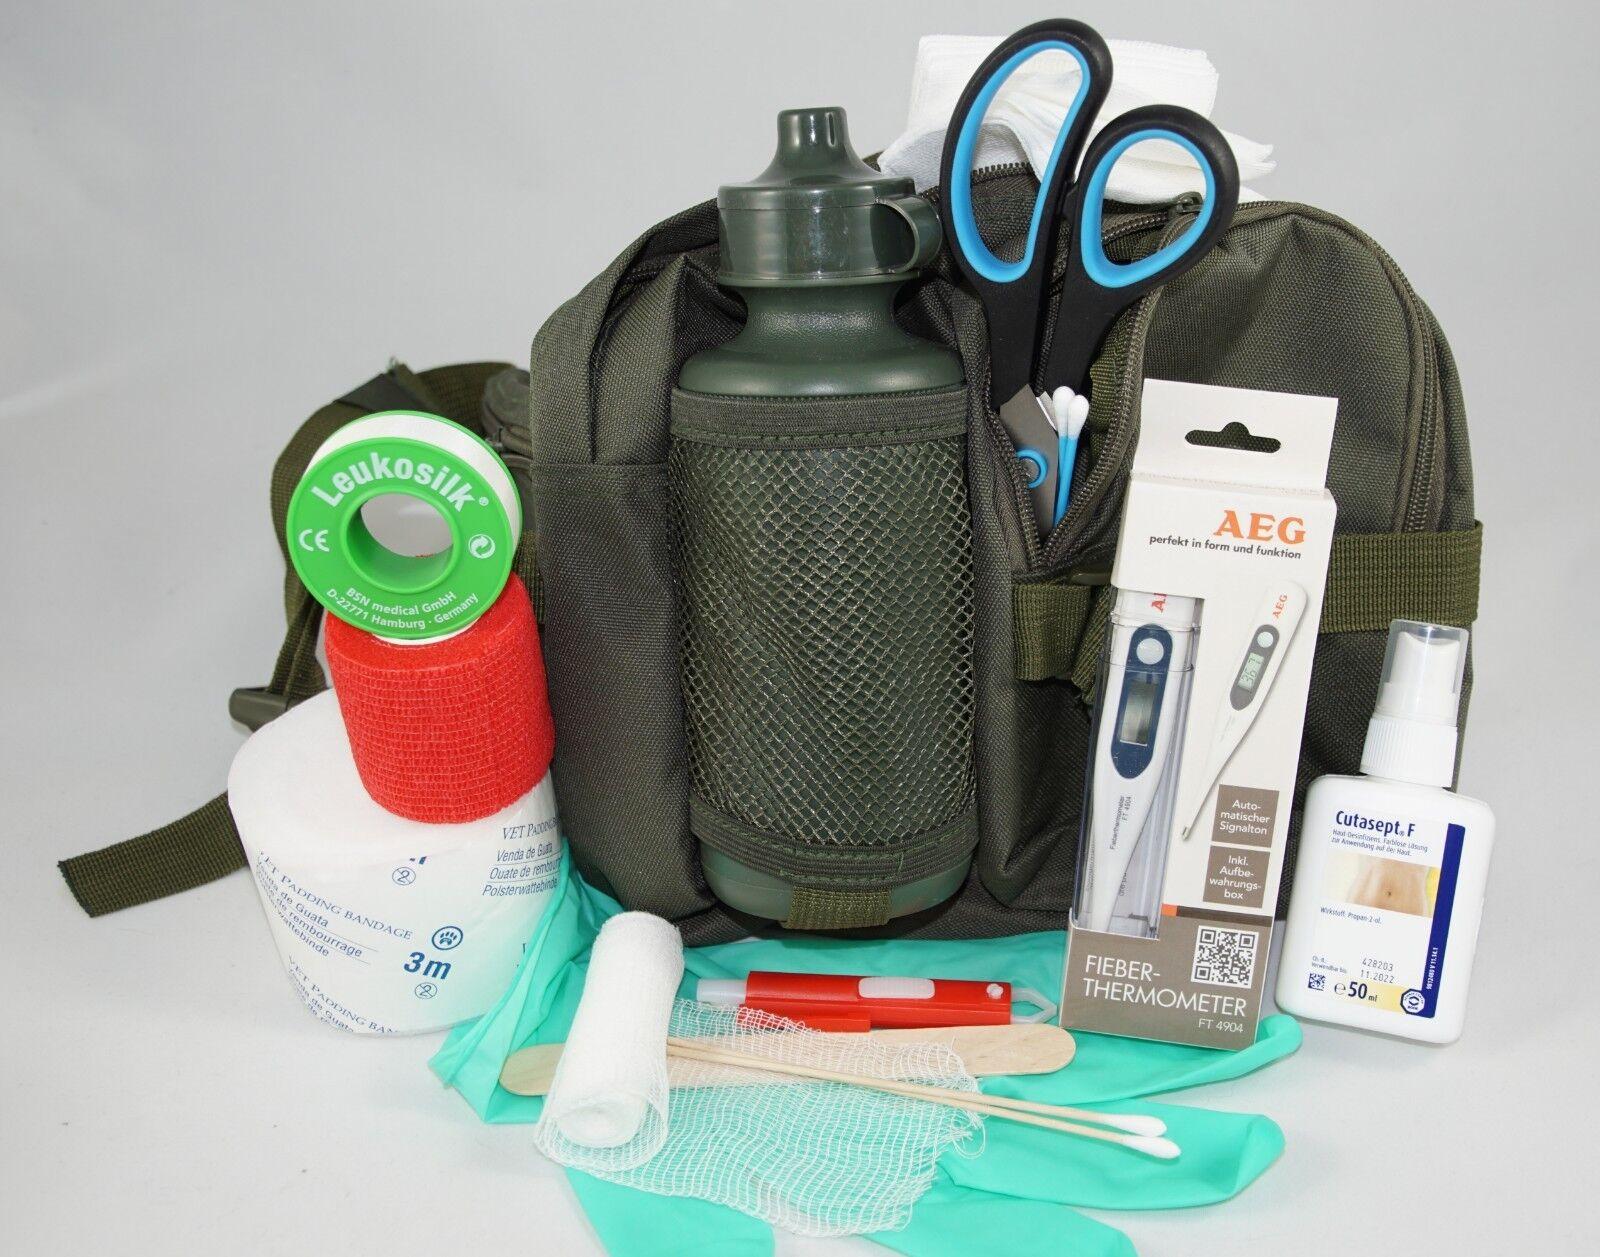 Erste-Hilfe-Set speziell für den Hund - von Tierarzt Dr. med. vet. Stefan Knoop